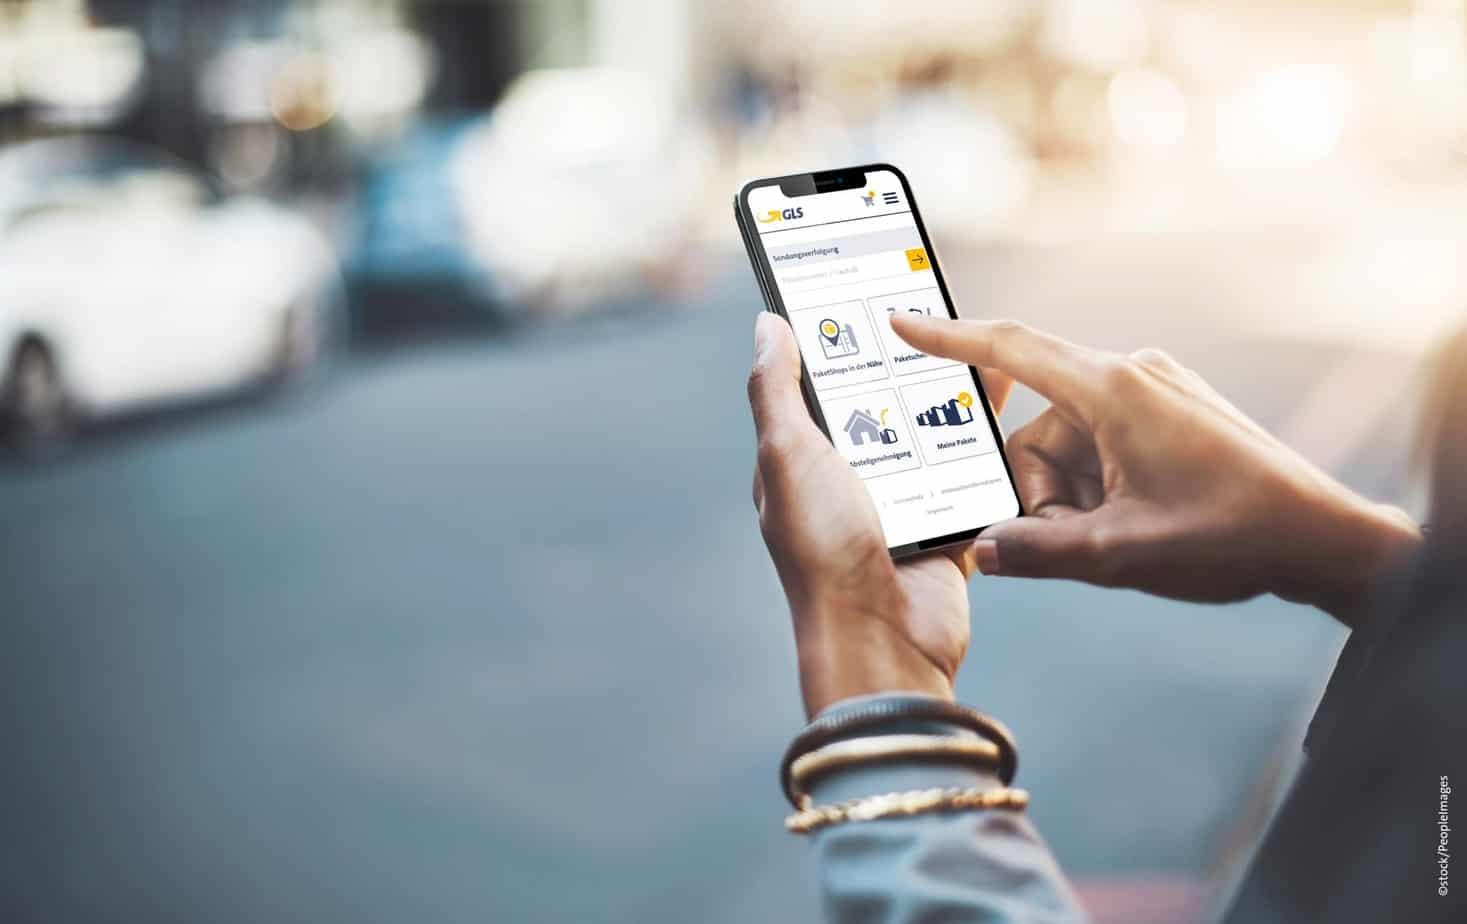 Paketdienst GLS veröffentlicht neue Smartphone-App